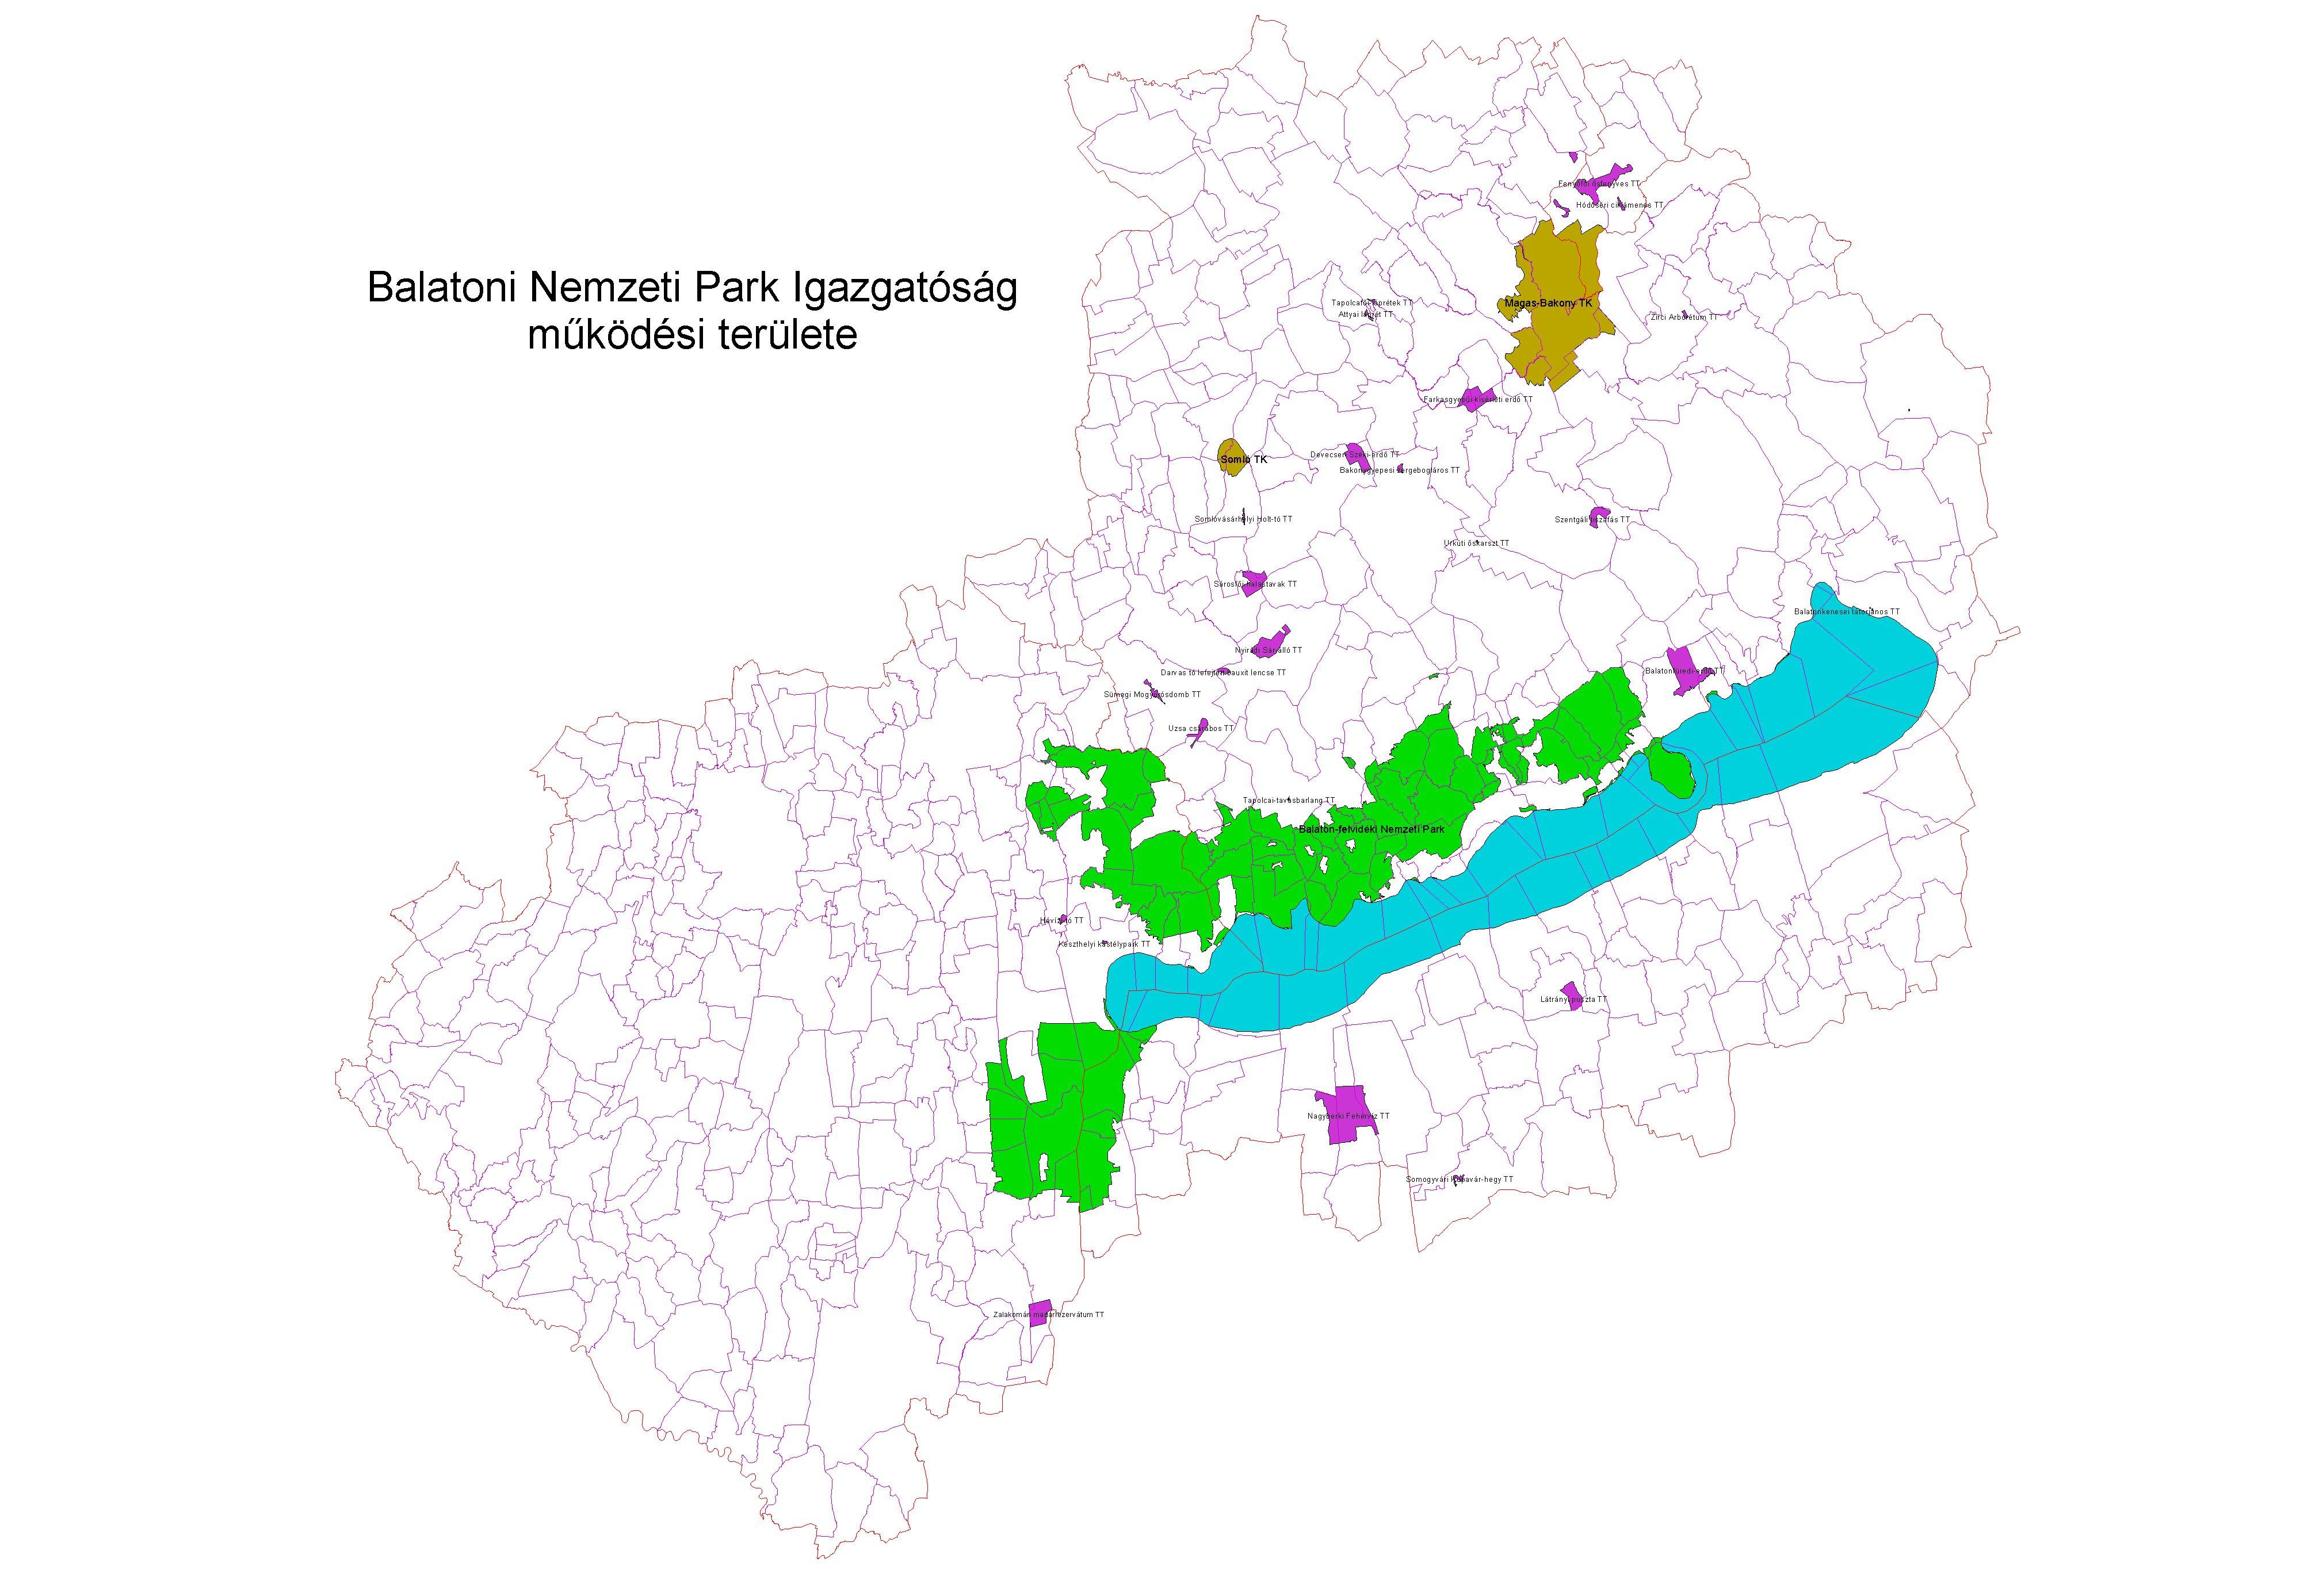 balaton felvidéki nemzeti park térkép Balaton felvidéki Nemzeti Park Igazgatóság 2009 ig balaton felvidéki nemzeti park térkép